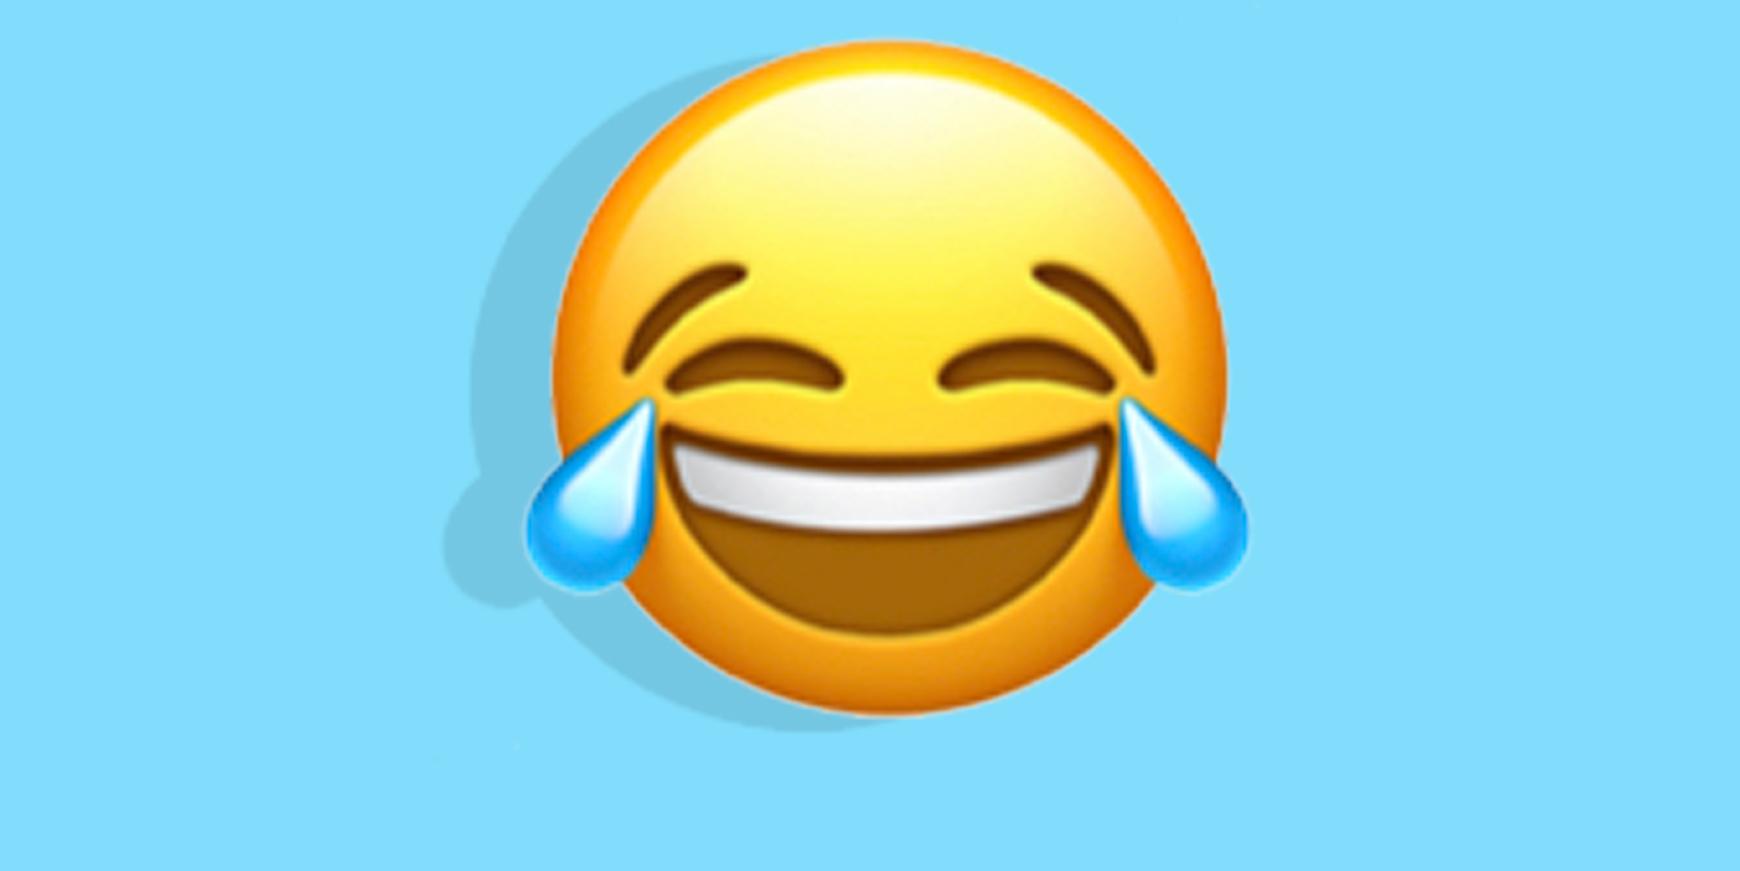 verdens mest populære emoji